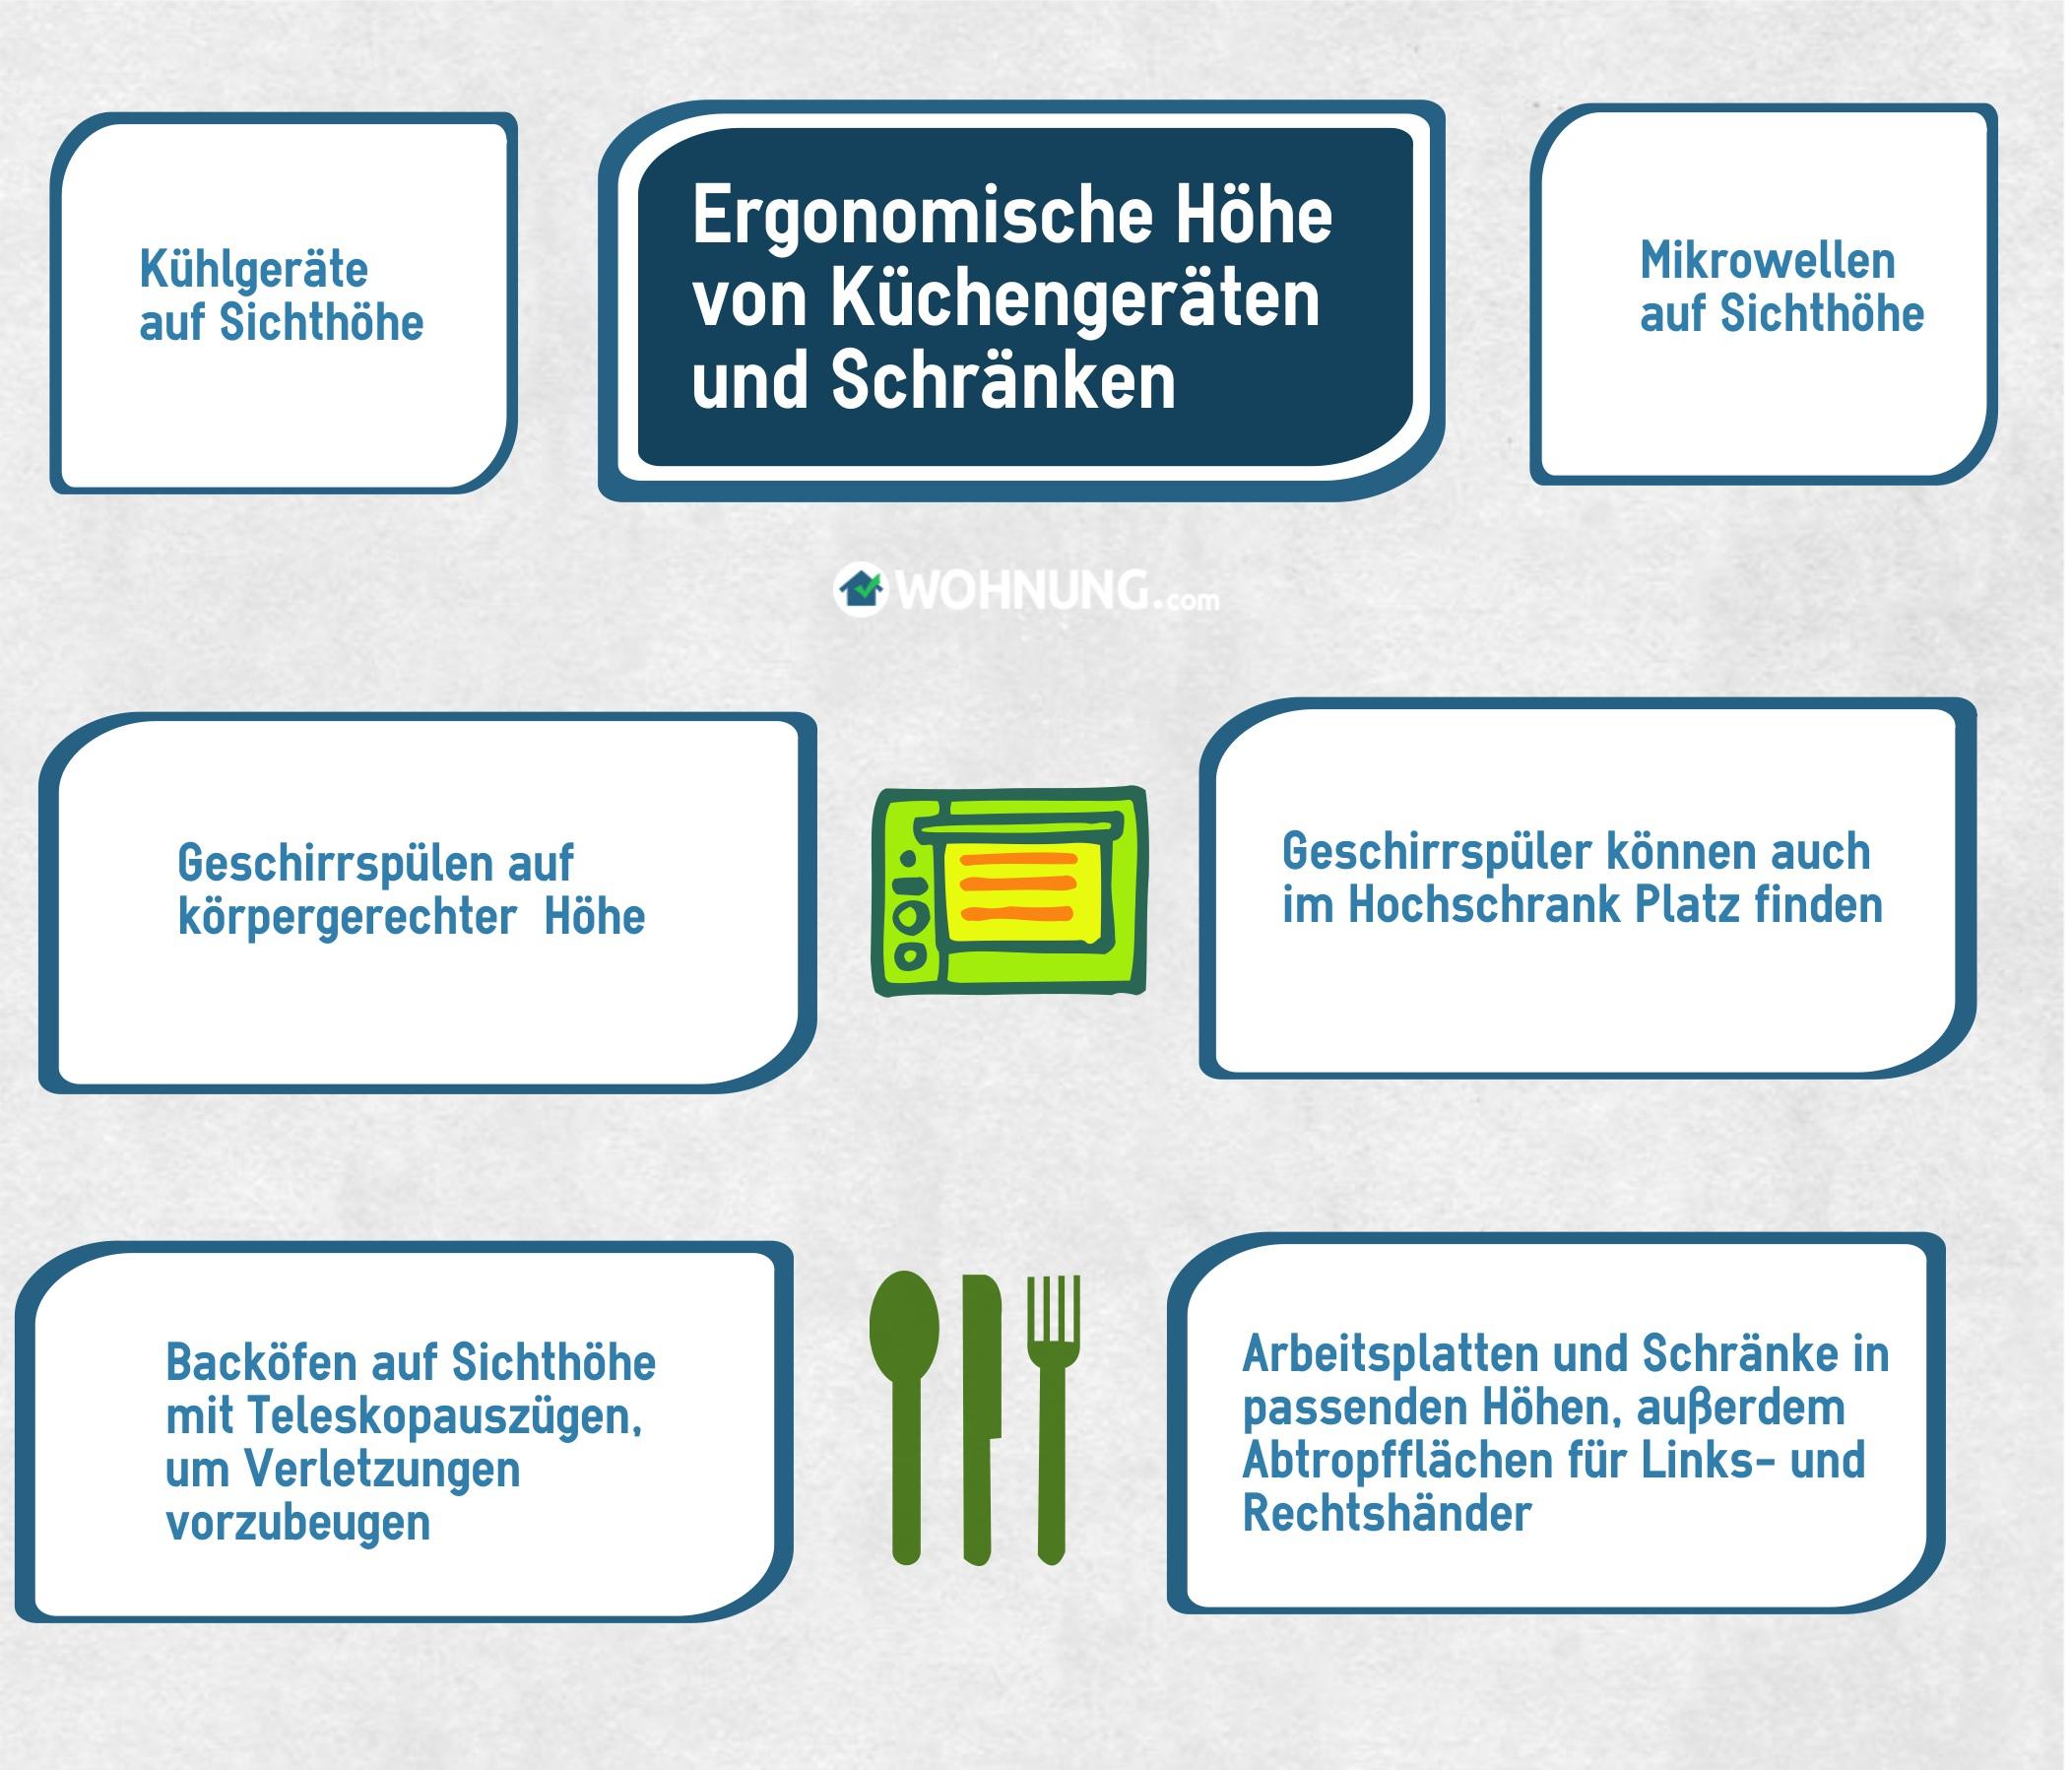 Küche: Ergonomie und Formfaktor - Wohnung.com Ratgeber